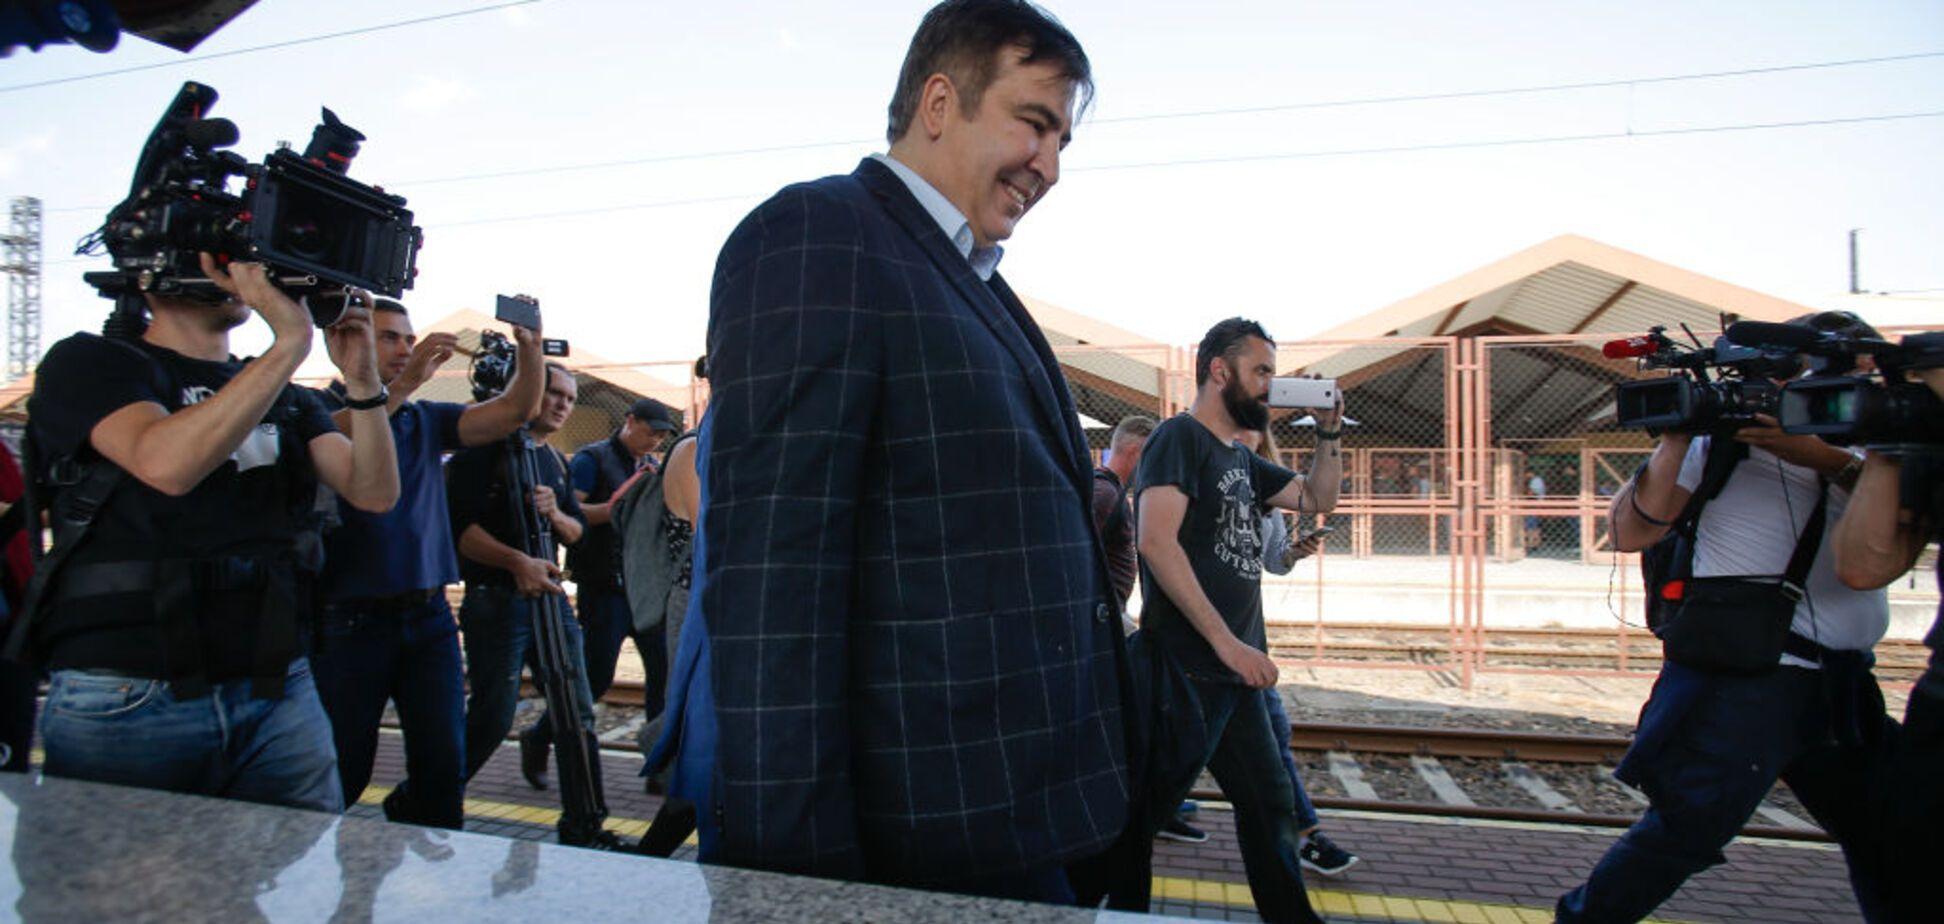 'Это тяжелая статья': Аваков прокомментировал прорыв Саакашвили через границу